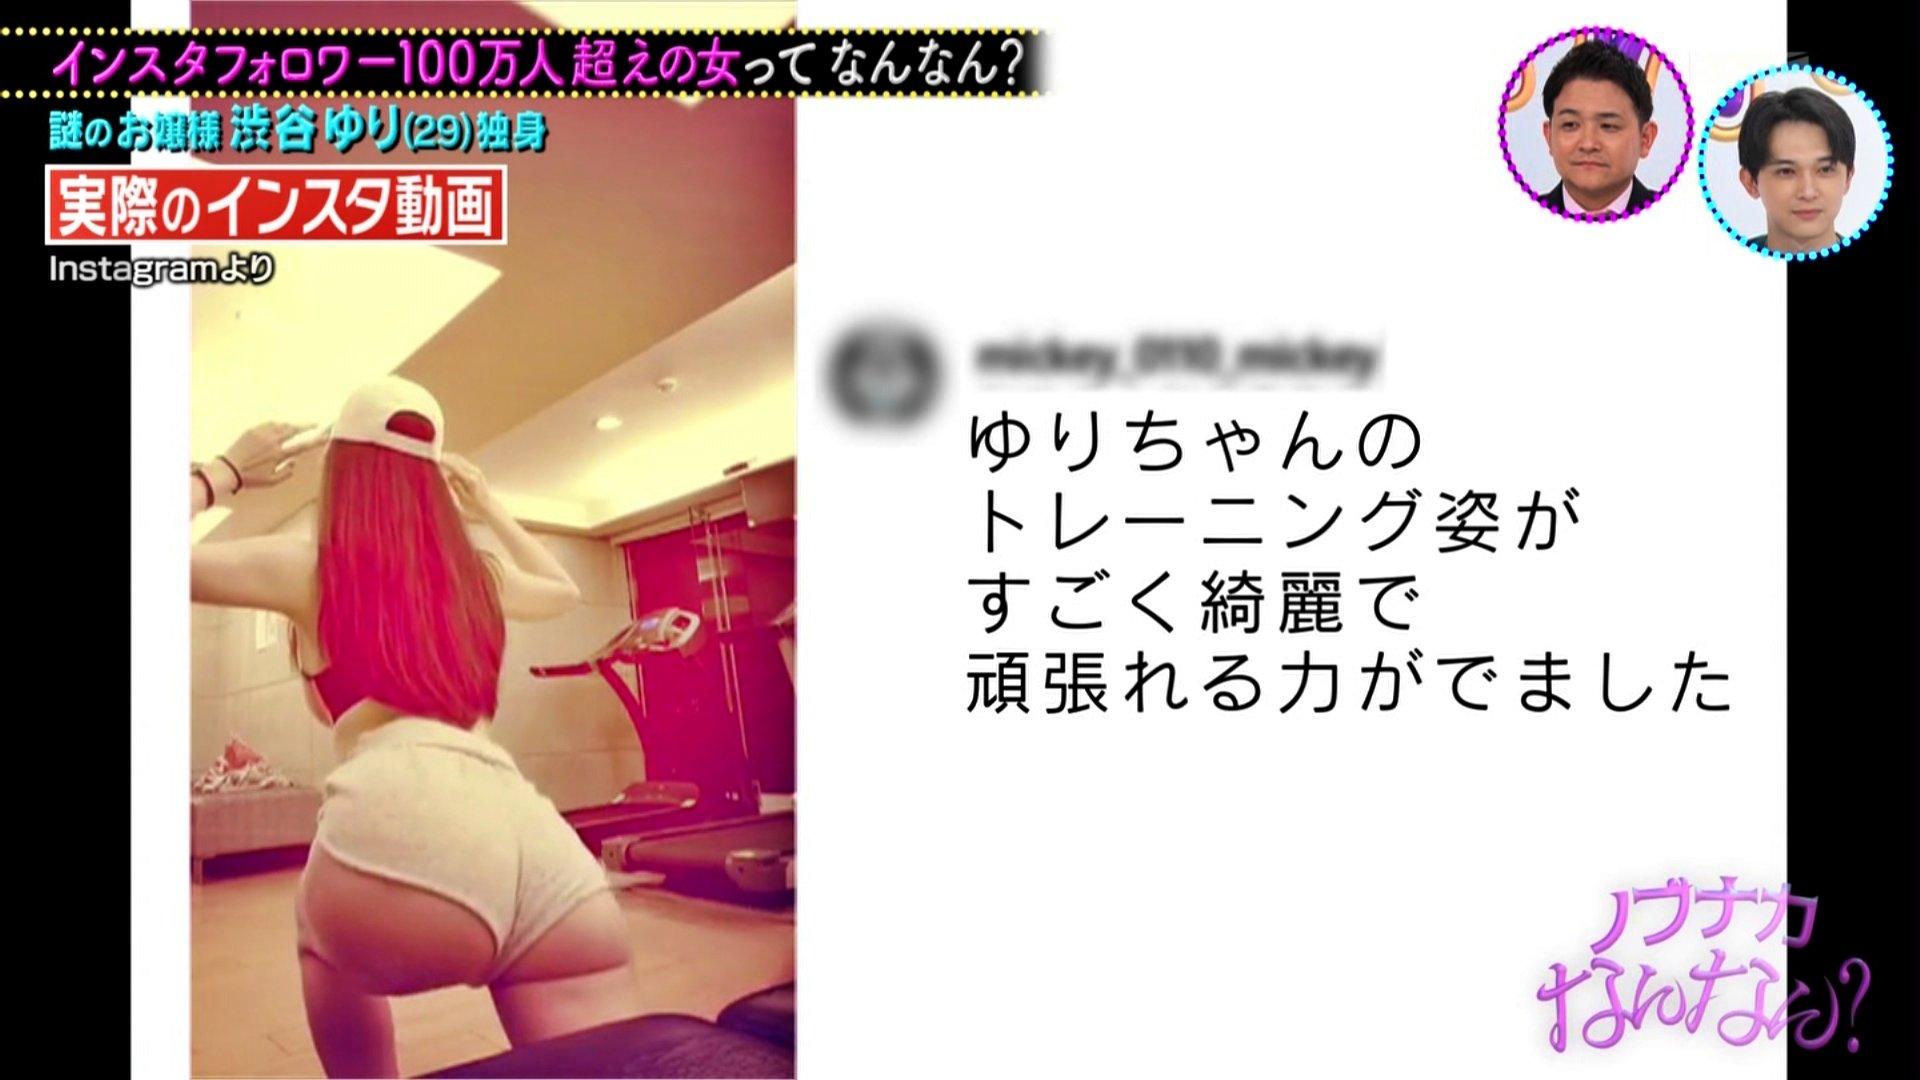 渋谷ゆり_インスタ美女_巨乳_巨尻_ノブナカなんなん?_24